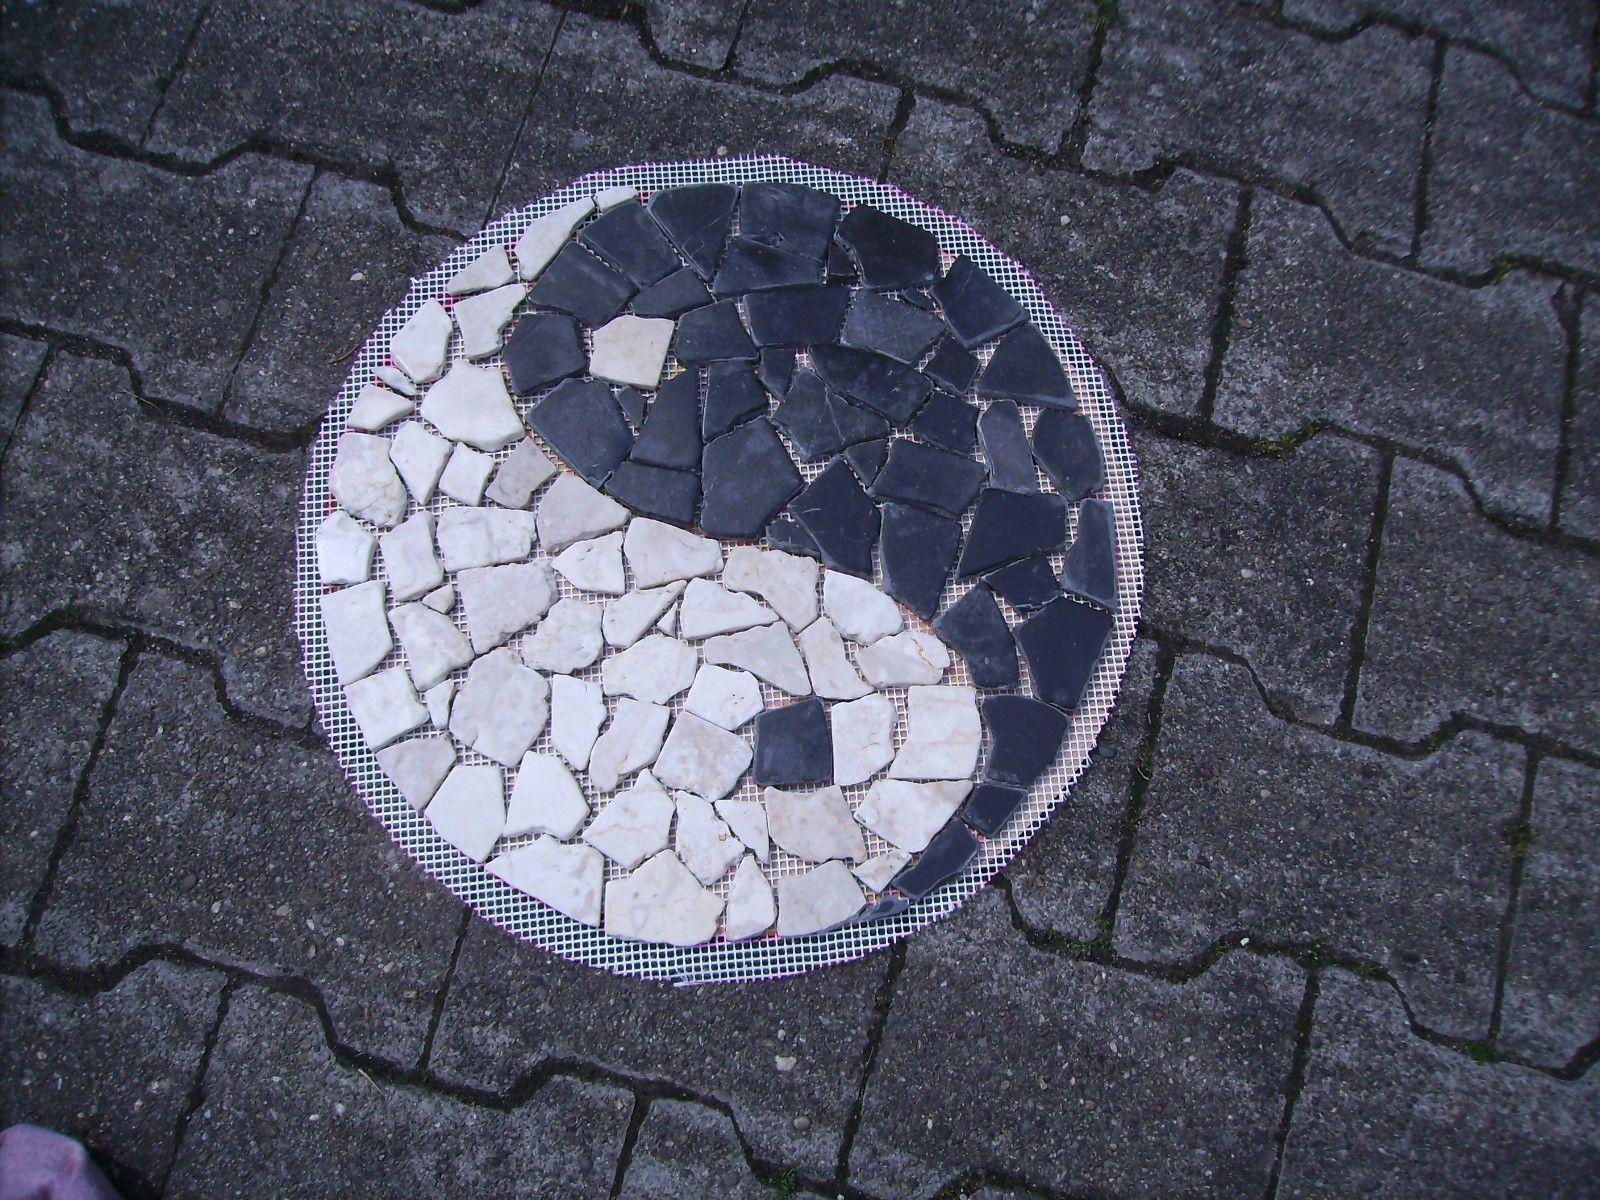 marmor mosaik trittstein naturstein fliese ying yang feng shui Ø, Garten ideen